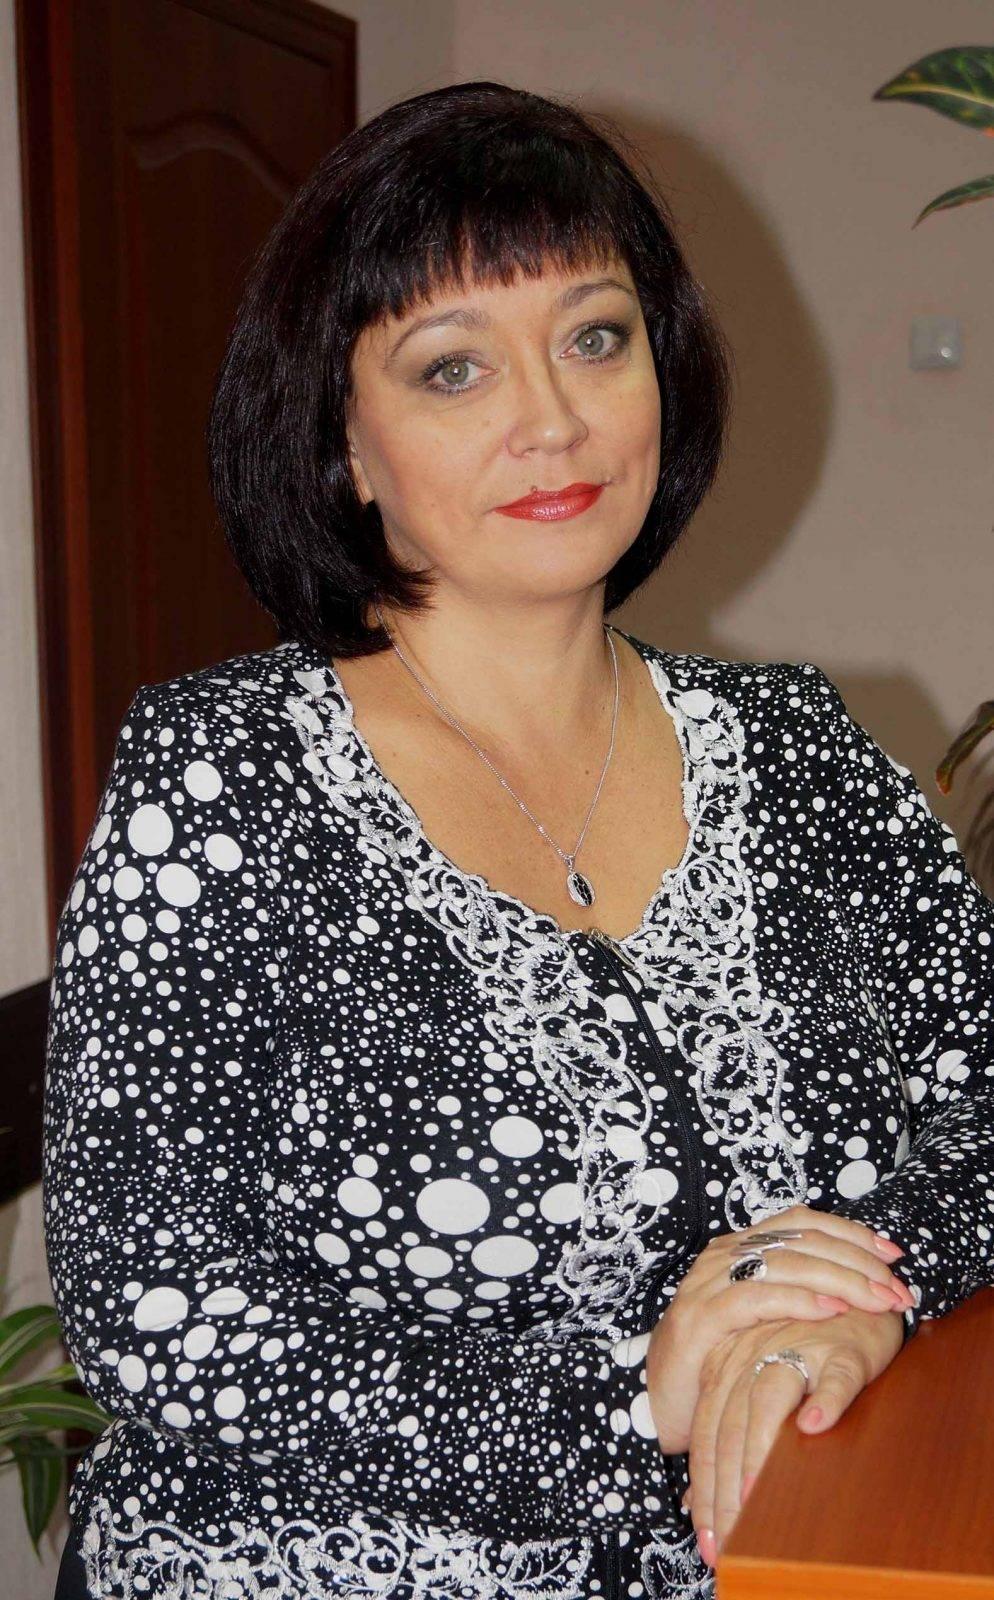 Ковальчук Татьяна Генадьевна